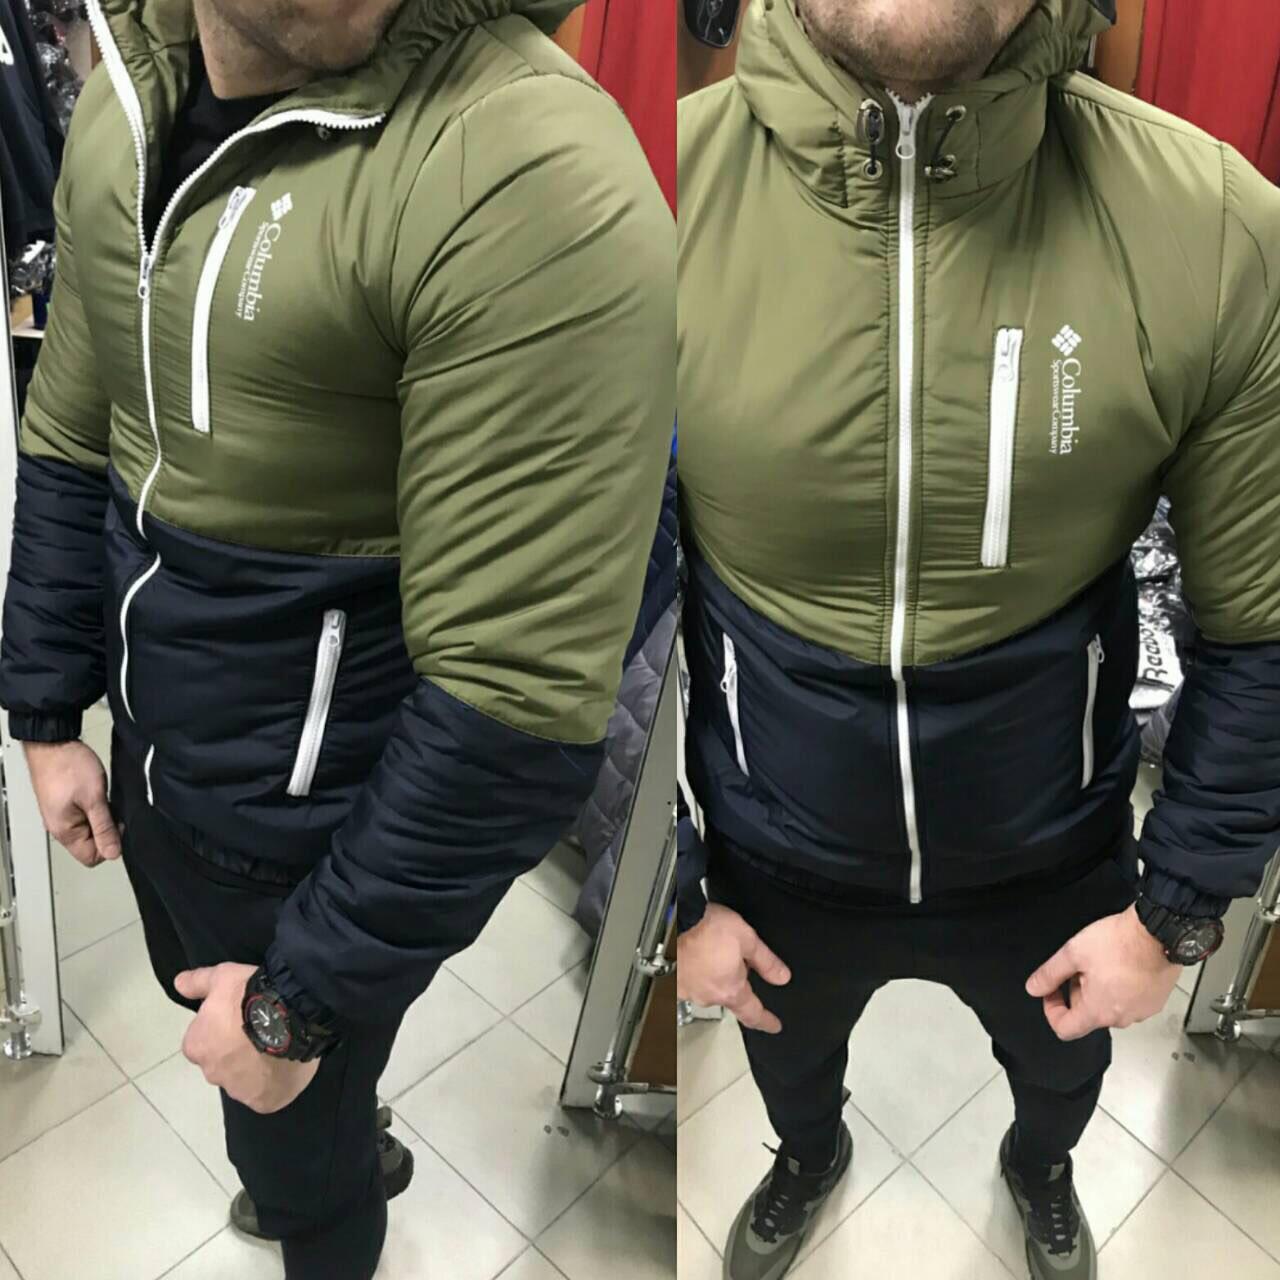 fadd0b7e386f Мужская демисезонная куртка Columbia - Интернет-магазин спортивной одежды